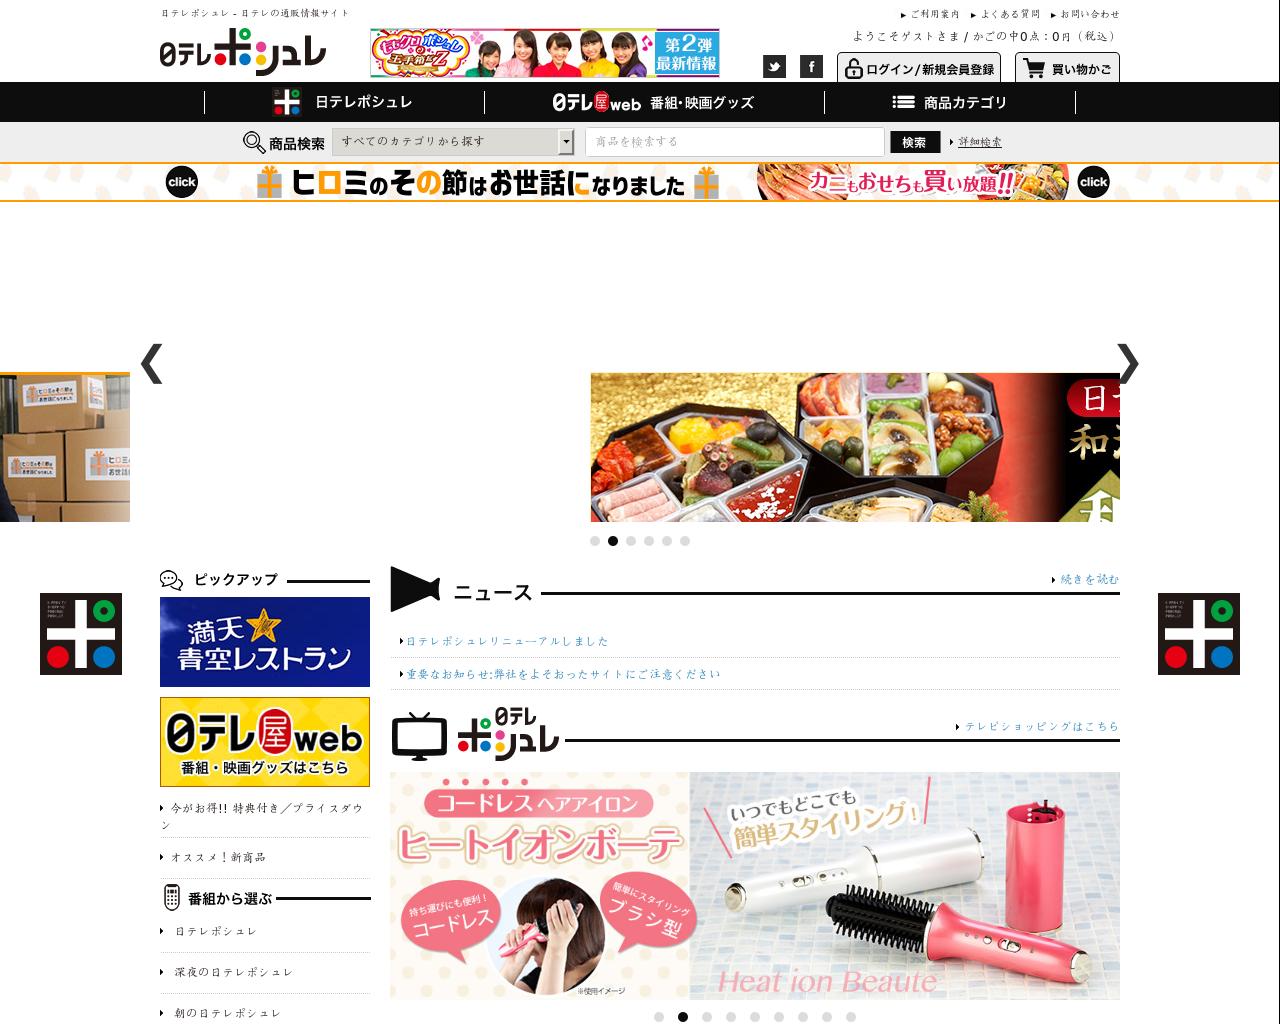 www.ntvshop.jp(2017/12/08 20:00:57)